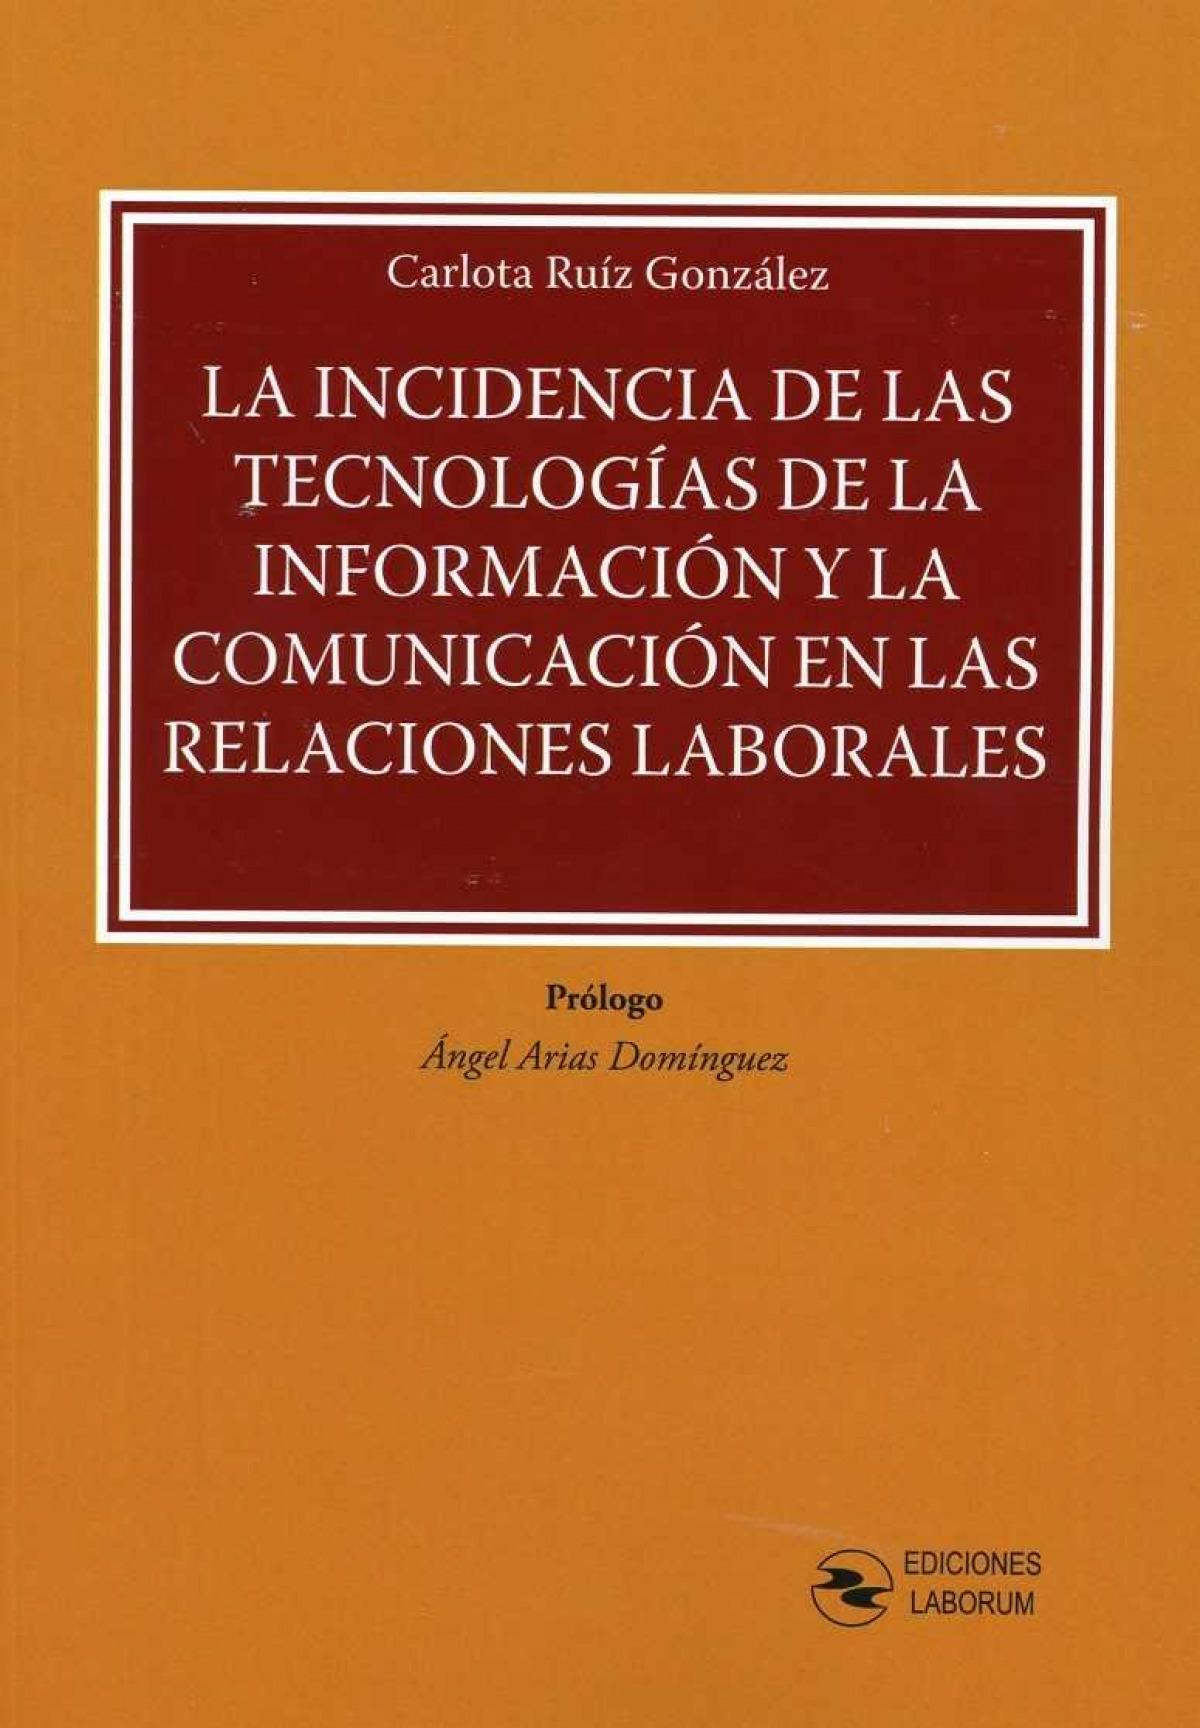 La incidencia de las tecnologías de la información y la comunicac